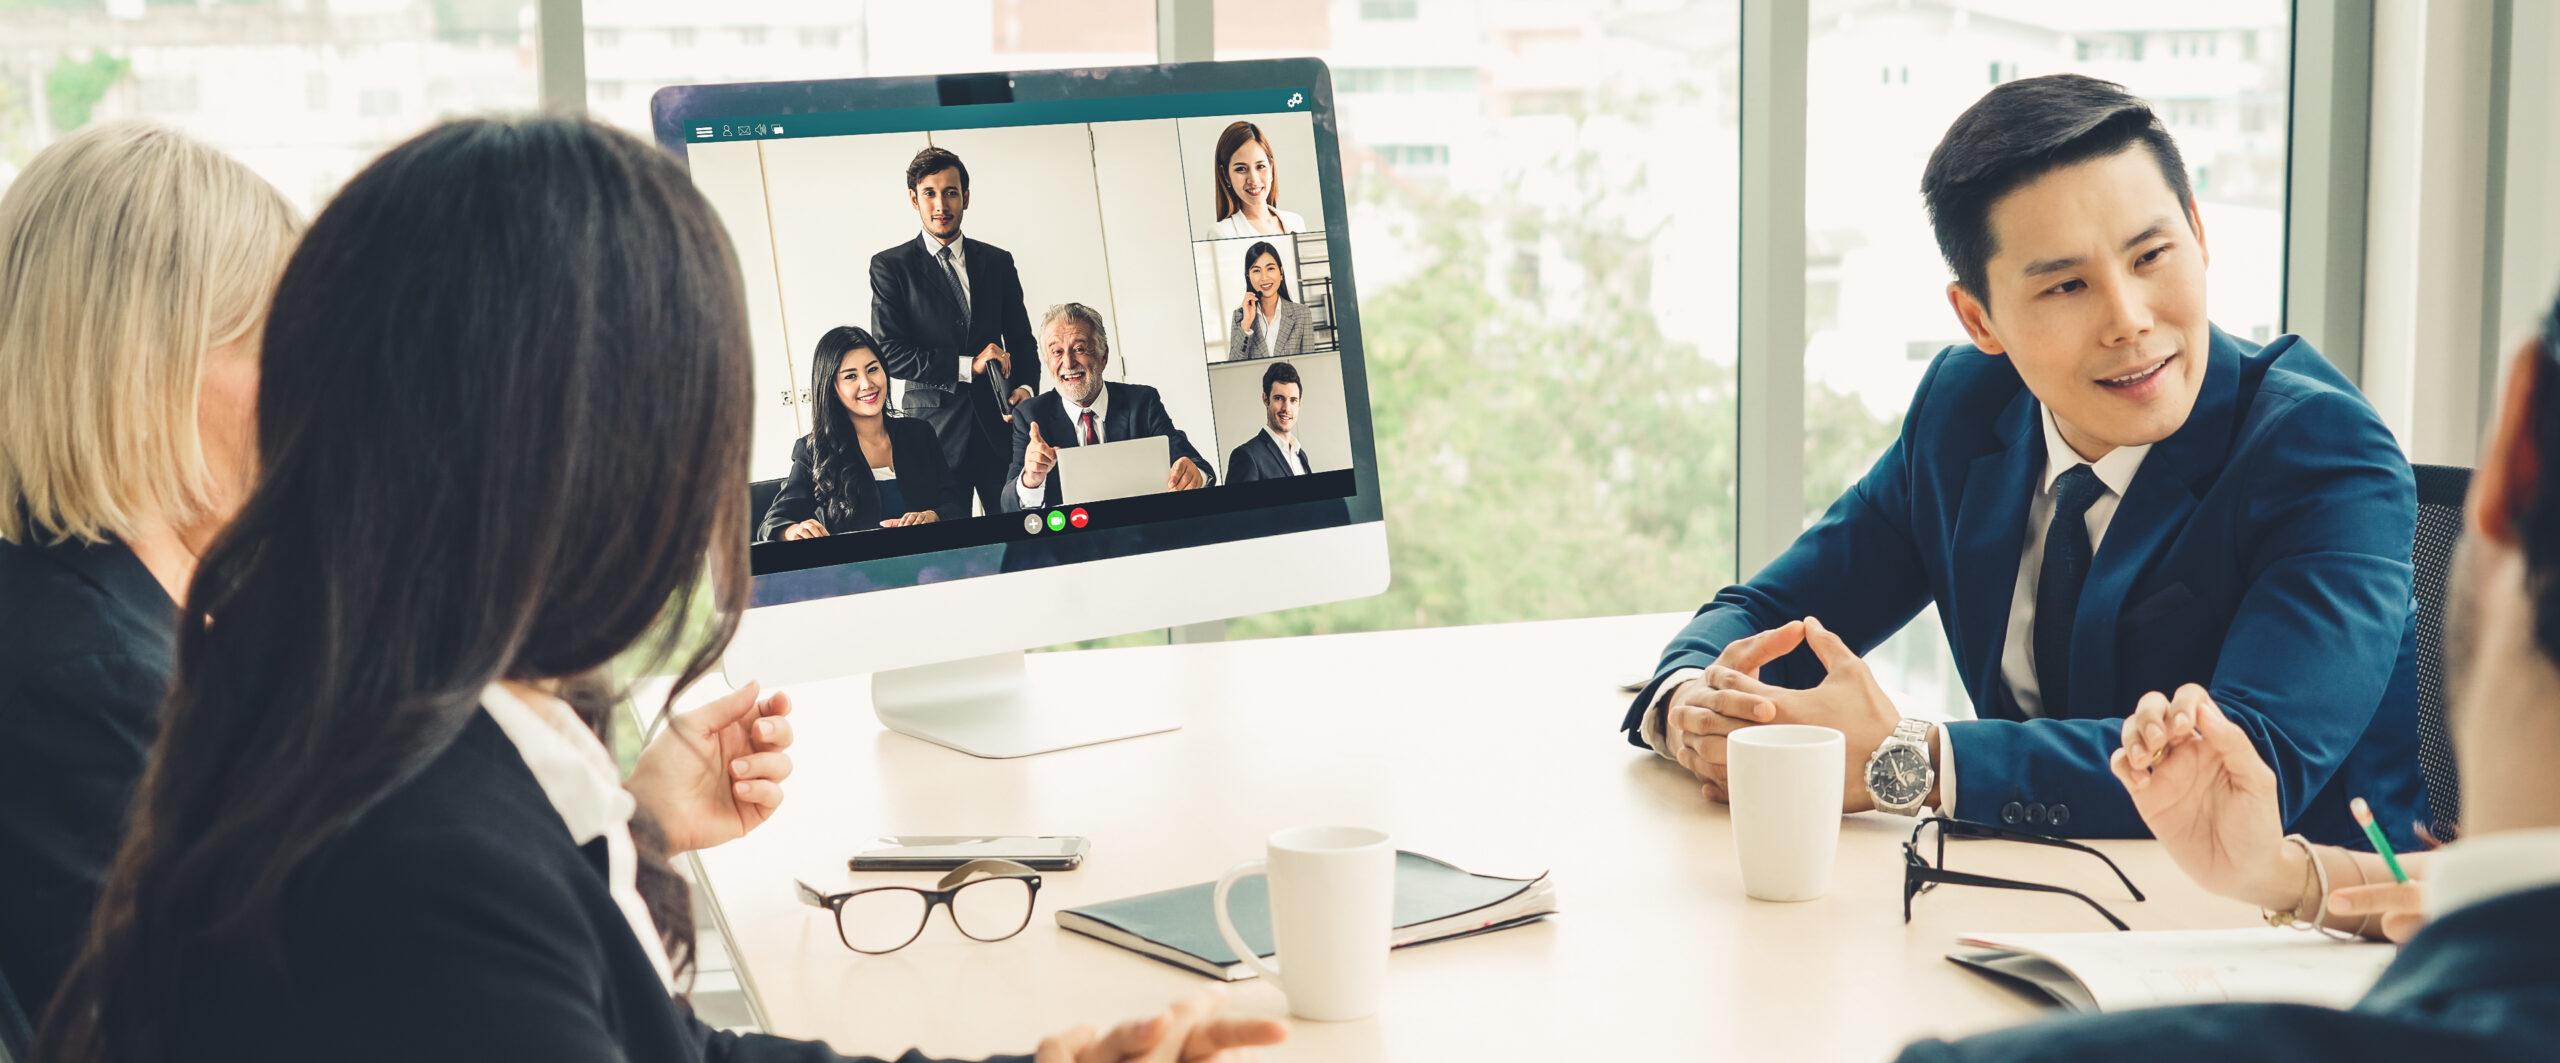 Vertrieb: Business-Meeting am Tisch und digital